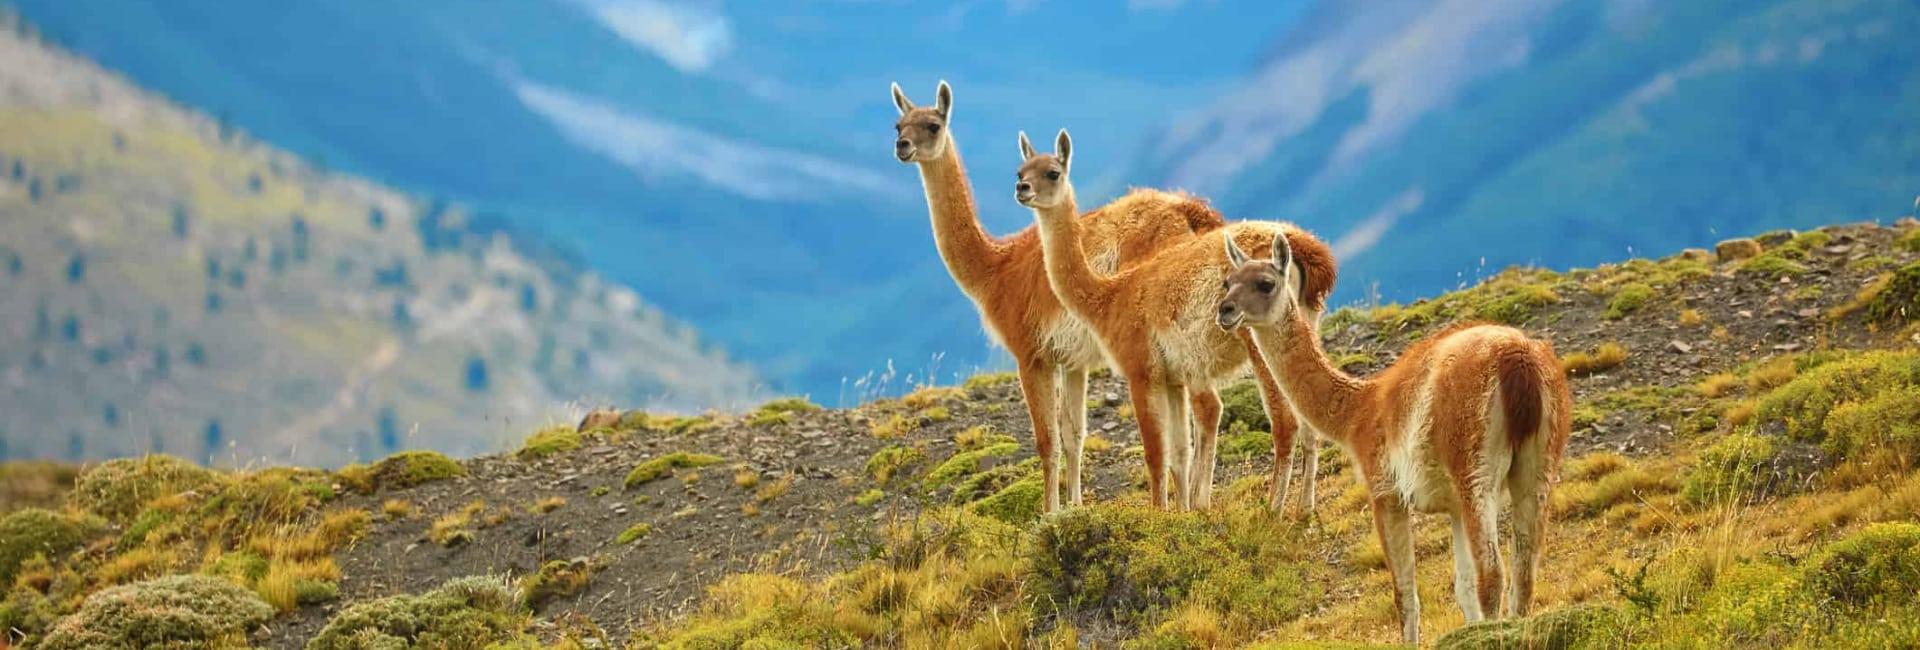 Lamaer i Argentina